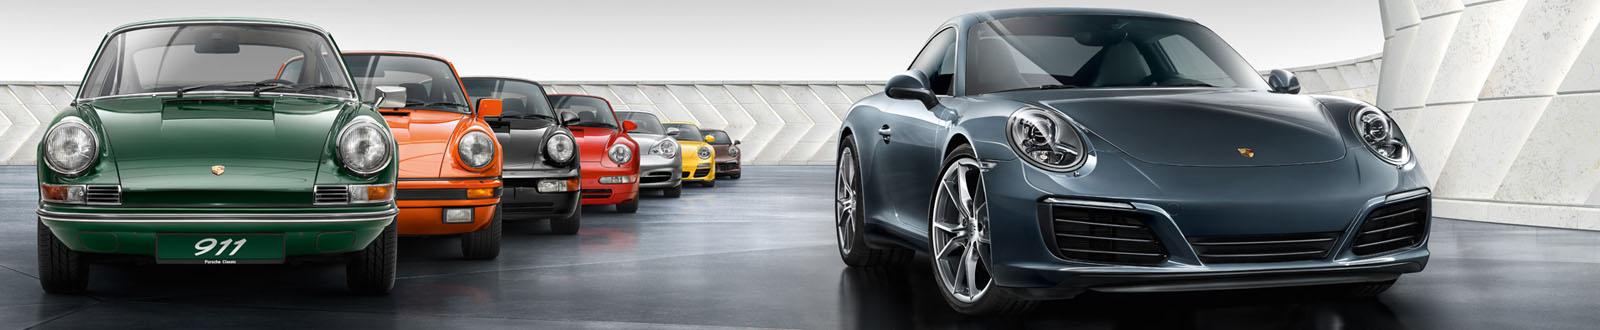 Suncoast Porsche Parts & Accessories: 911 Carrera Models